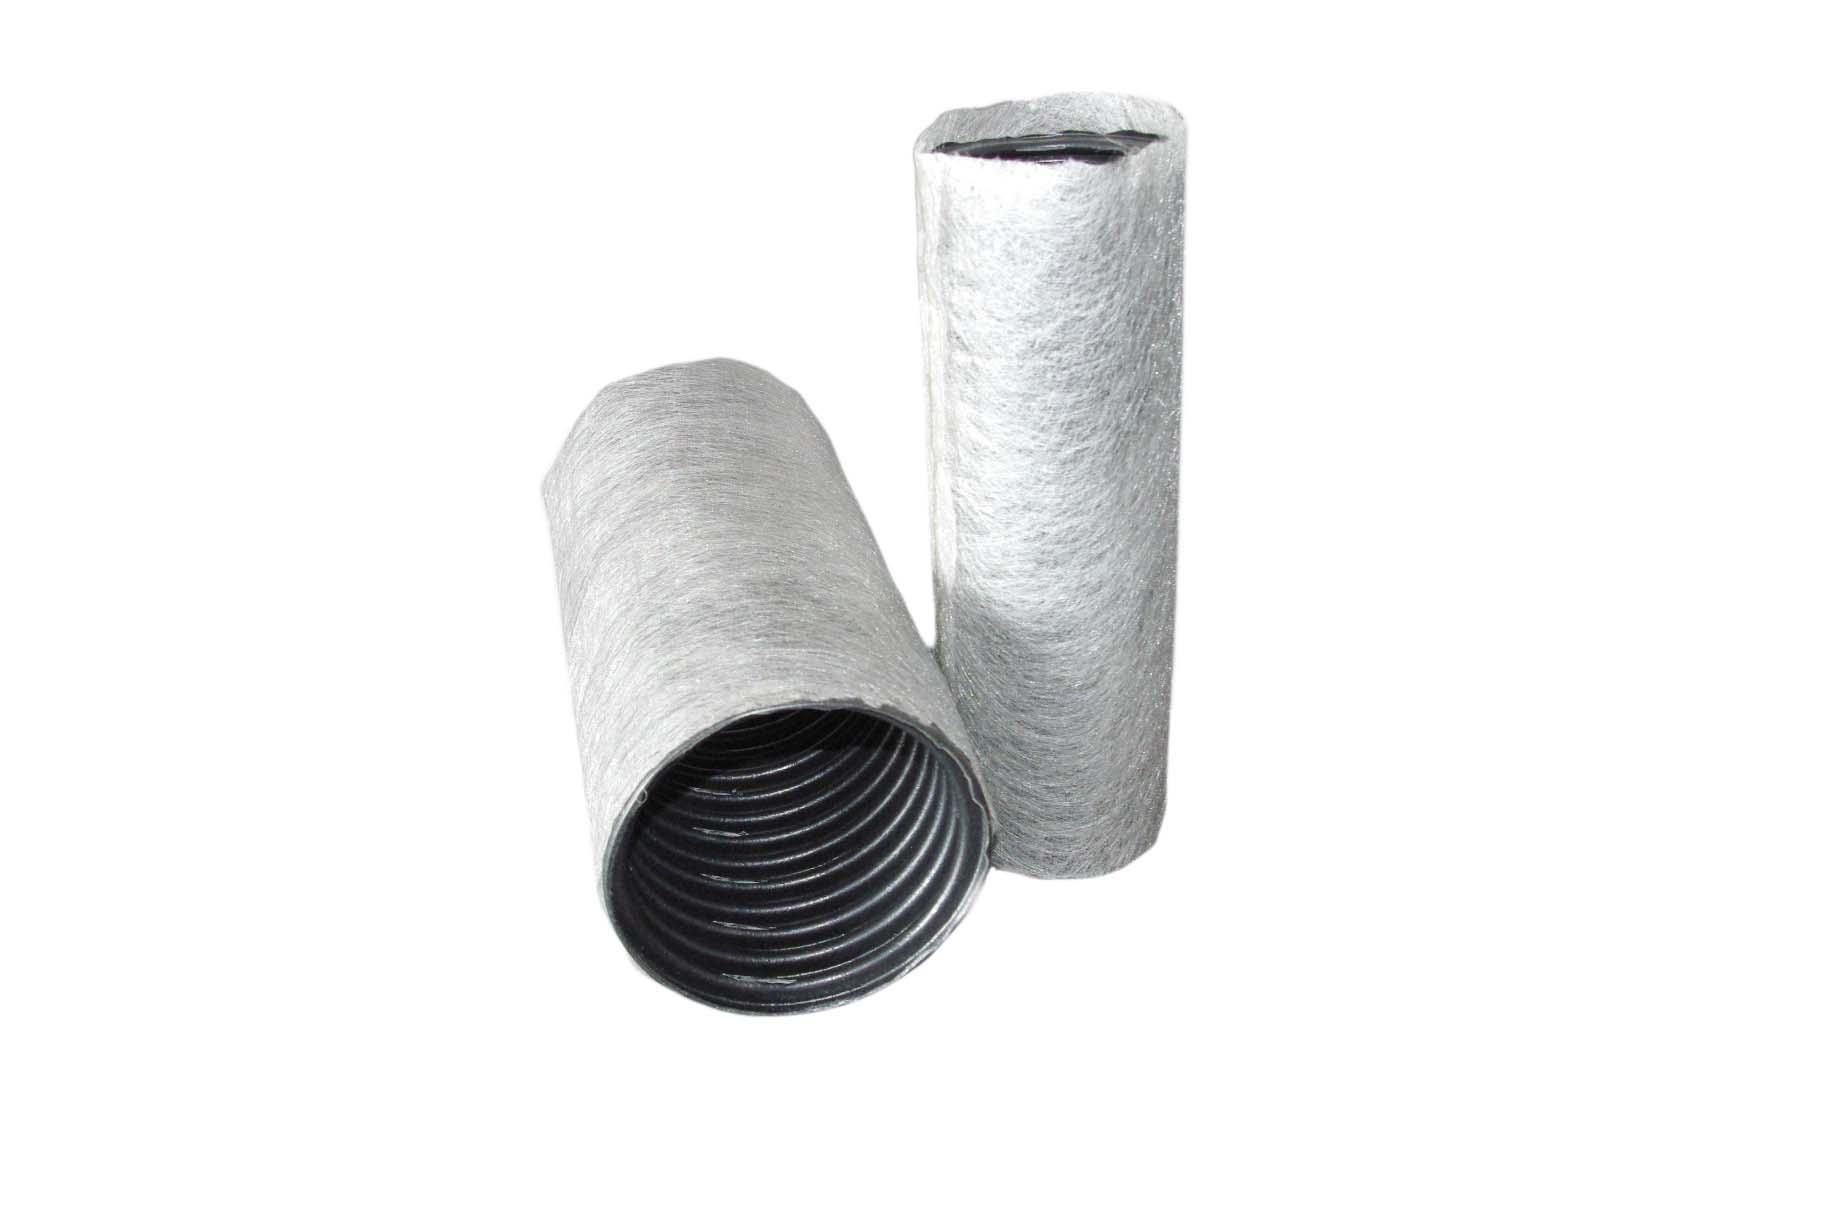 Труба СТССистемы канализации<br>Диаметр арматуры: 63, Назначение арматуры: труба, Материал: полиэтилен, Длина (мм): 50000<br>